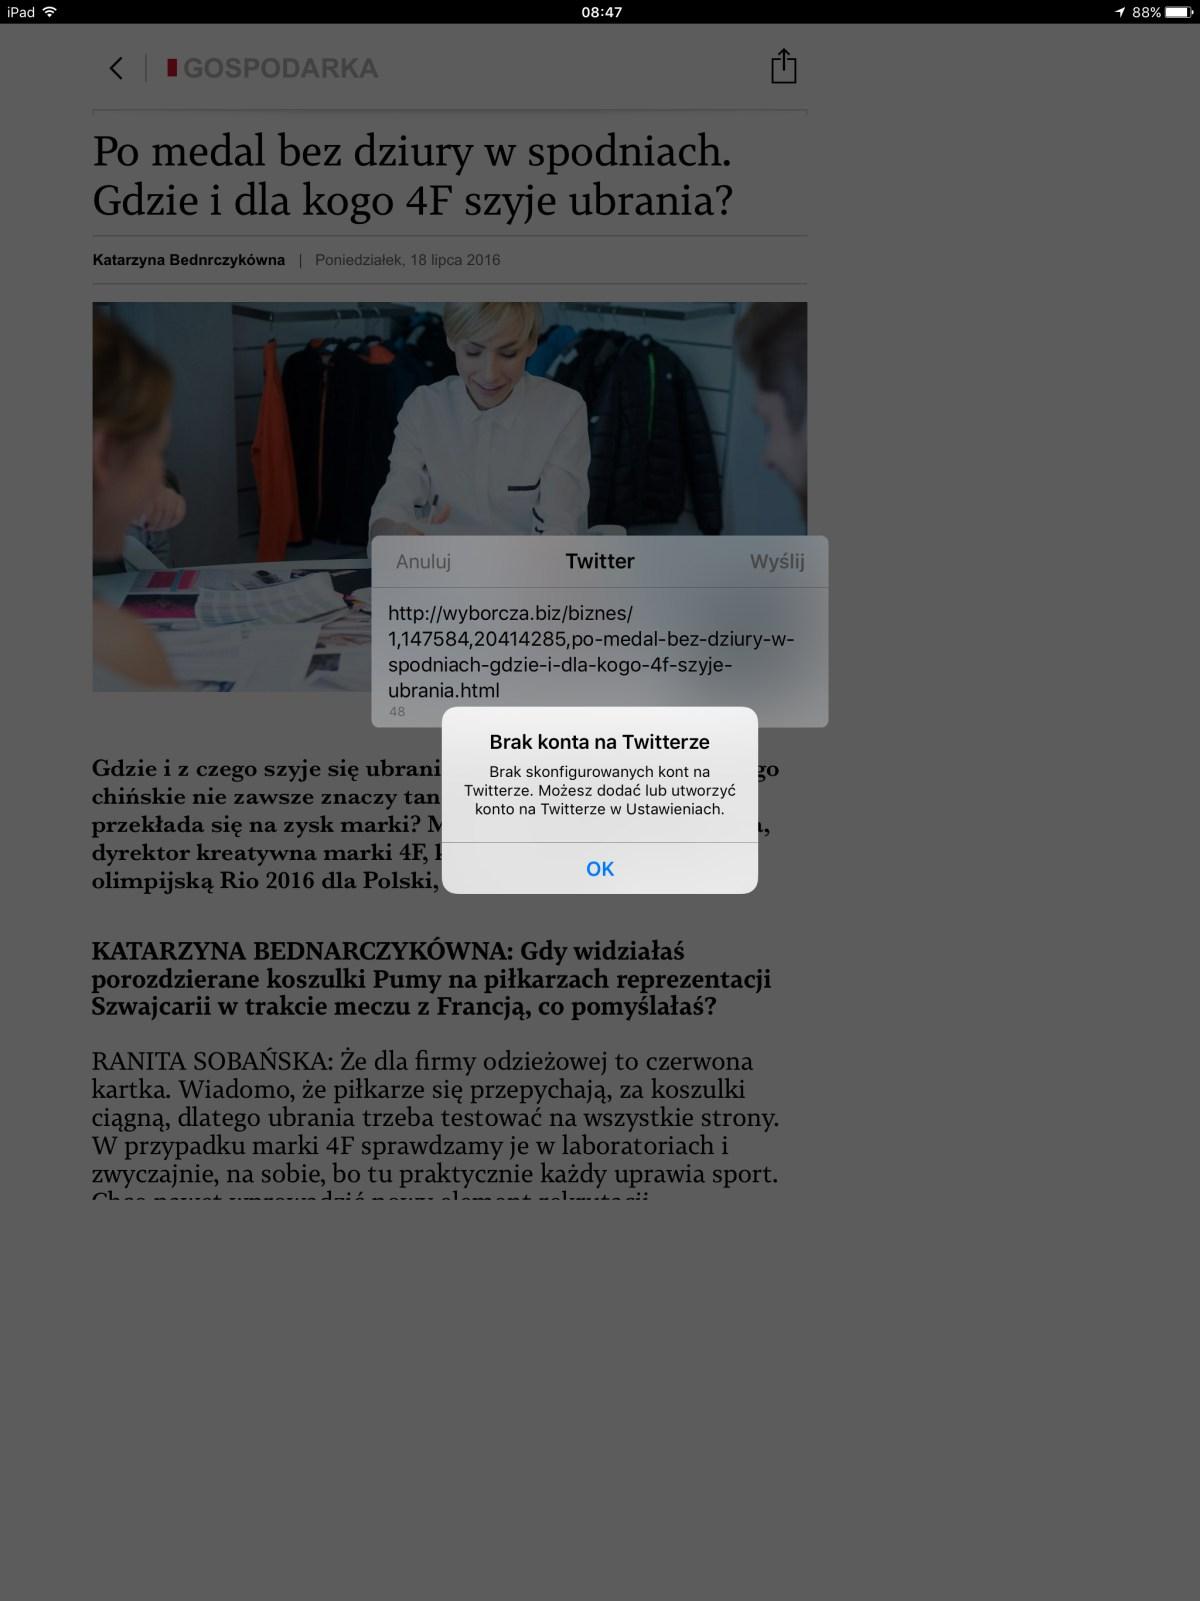 Tak, tak - to Android jest przecież awaryjny i to na nim nic nie działa. Cóż Apple, a co z błędami w iOS 9? - 90sekund.pl